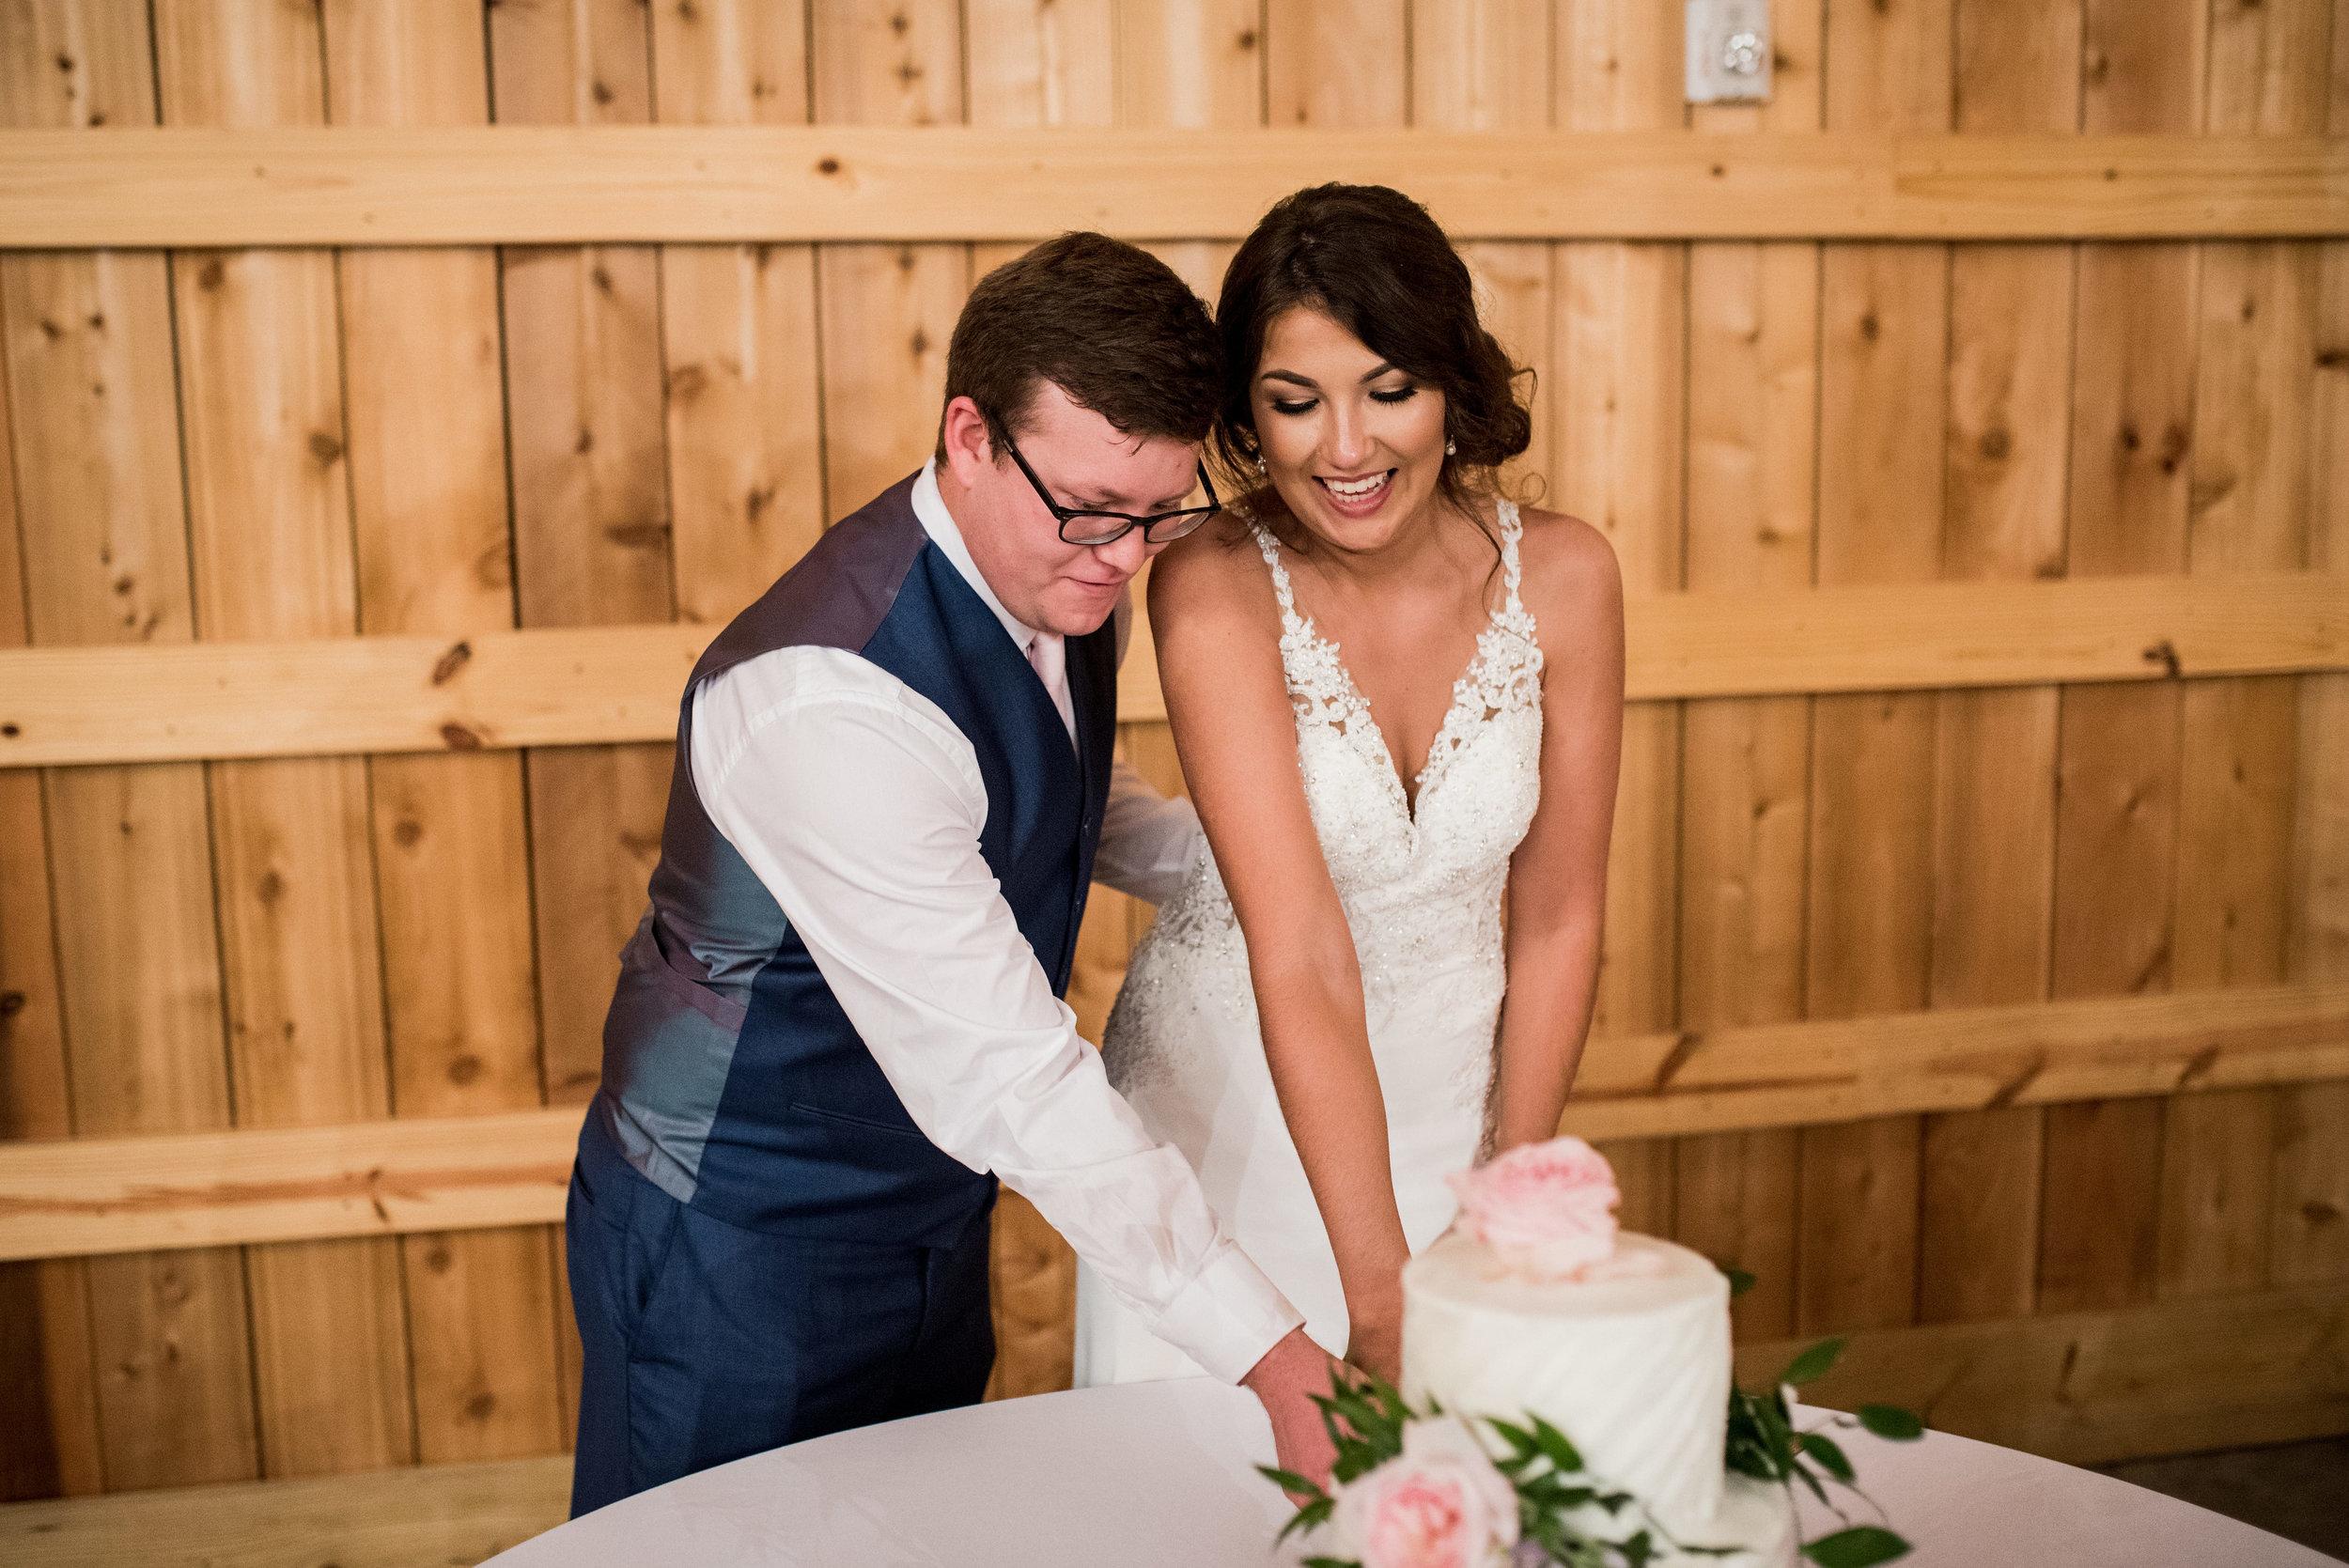 Saddlewood-Farms-Nashville-Wedding-Photographers-662.jpg